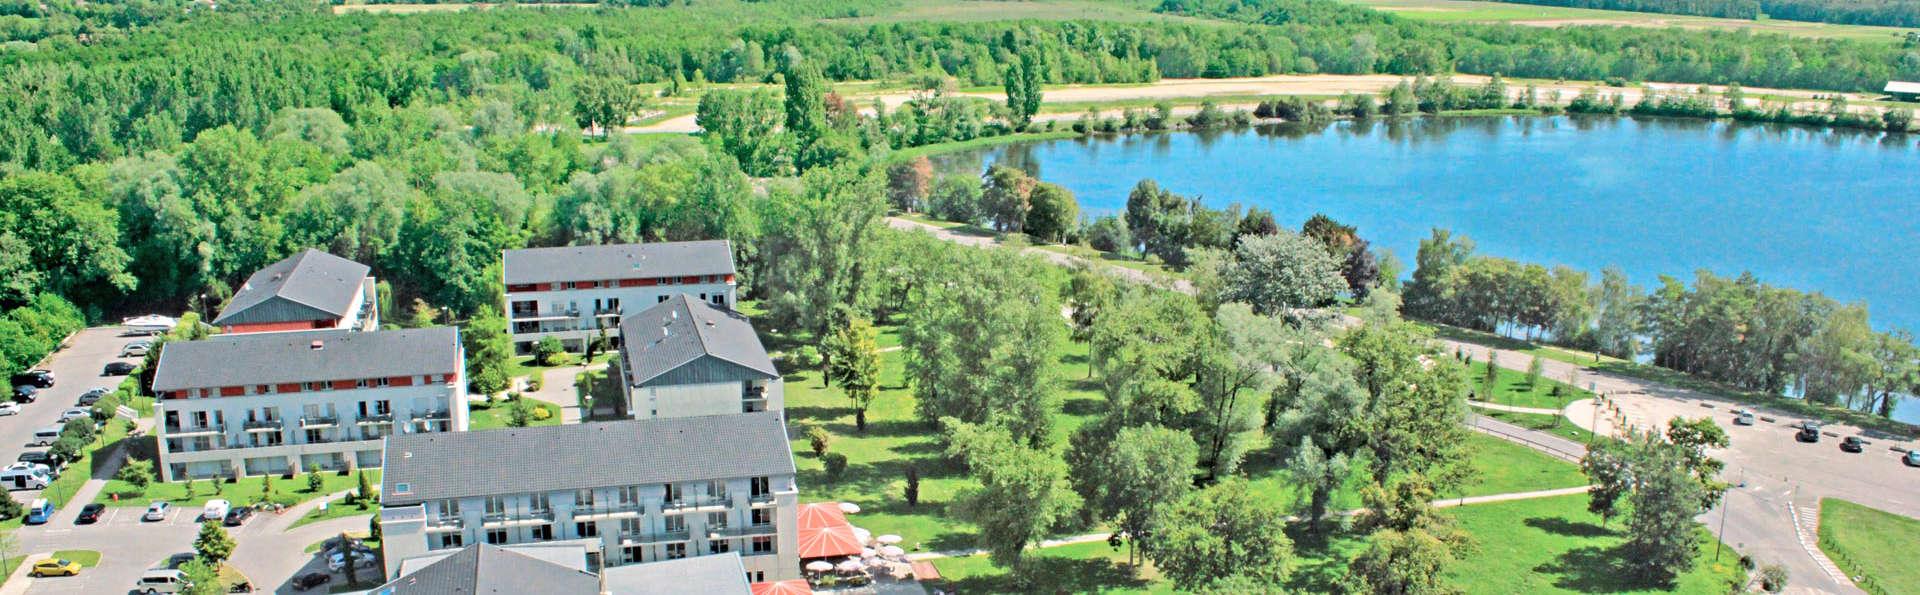 Hôtel Vacances Bleues - La Villa du Lac et Spa - edit_totalview.jpg